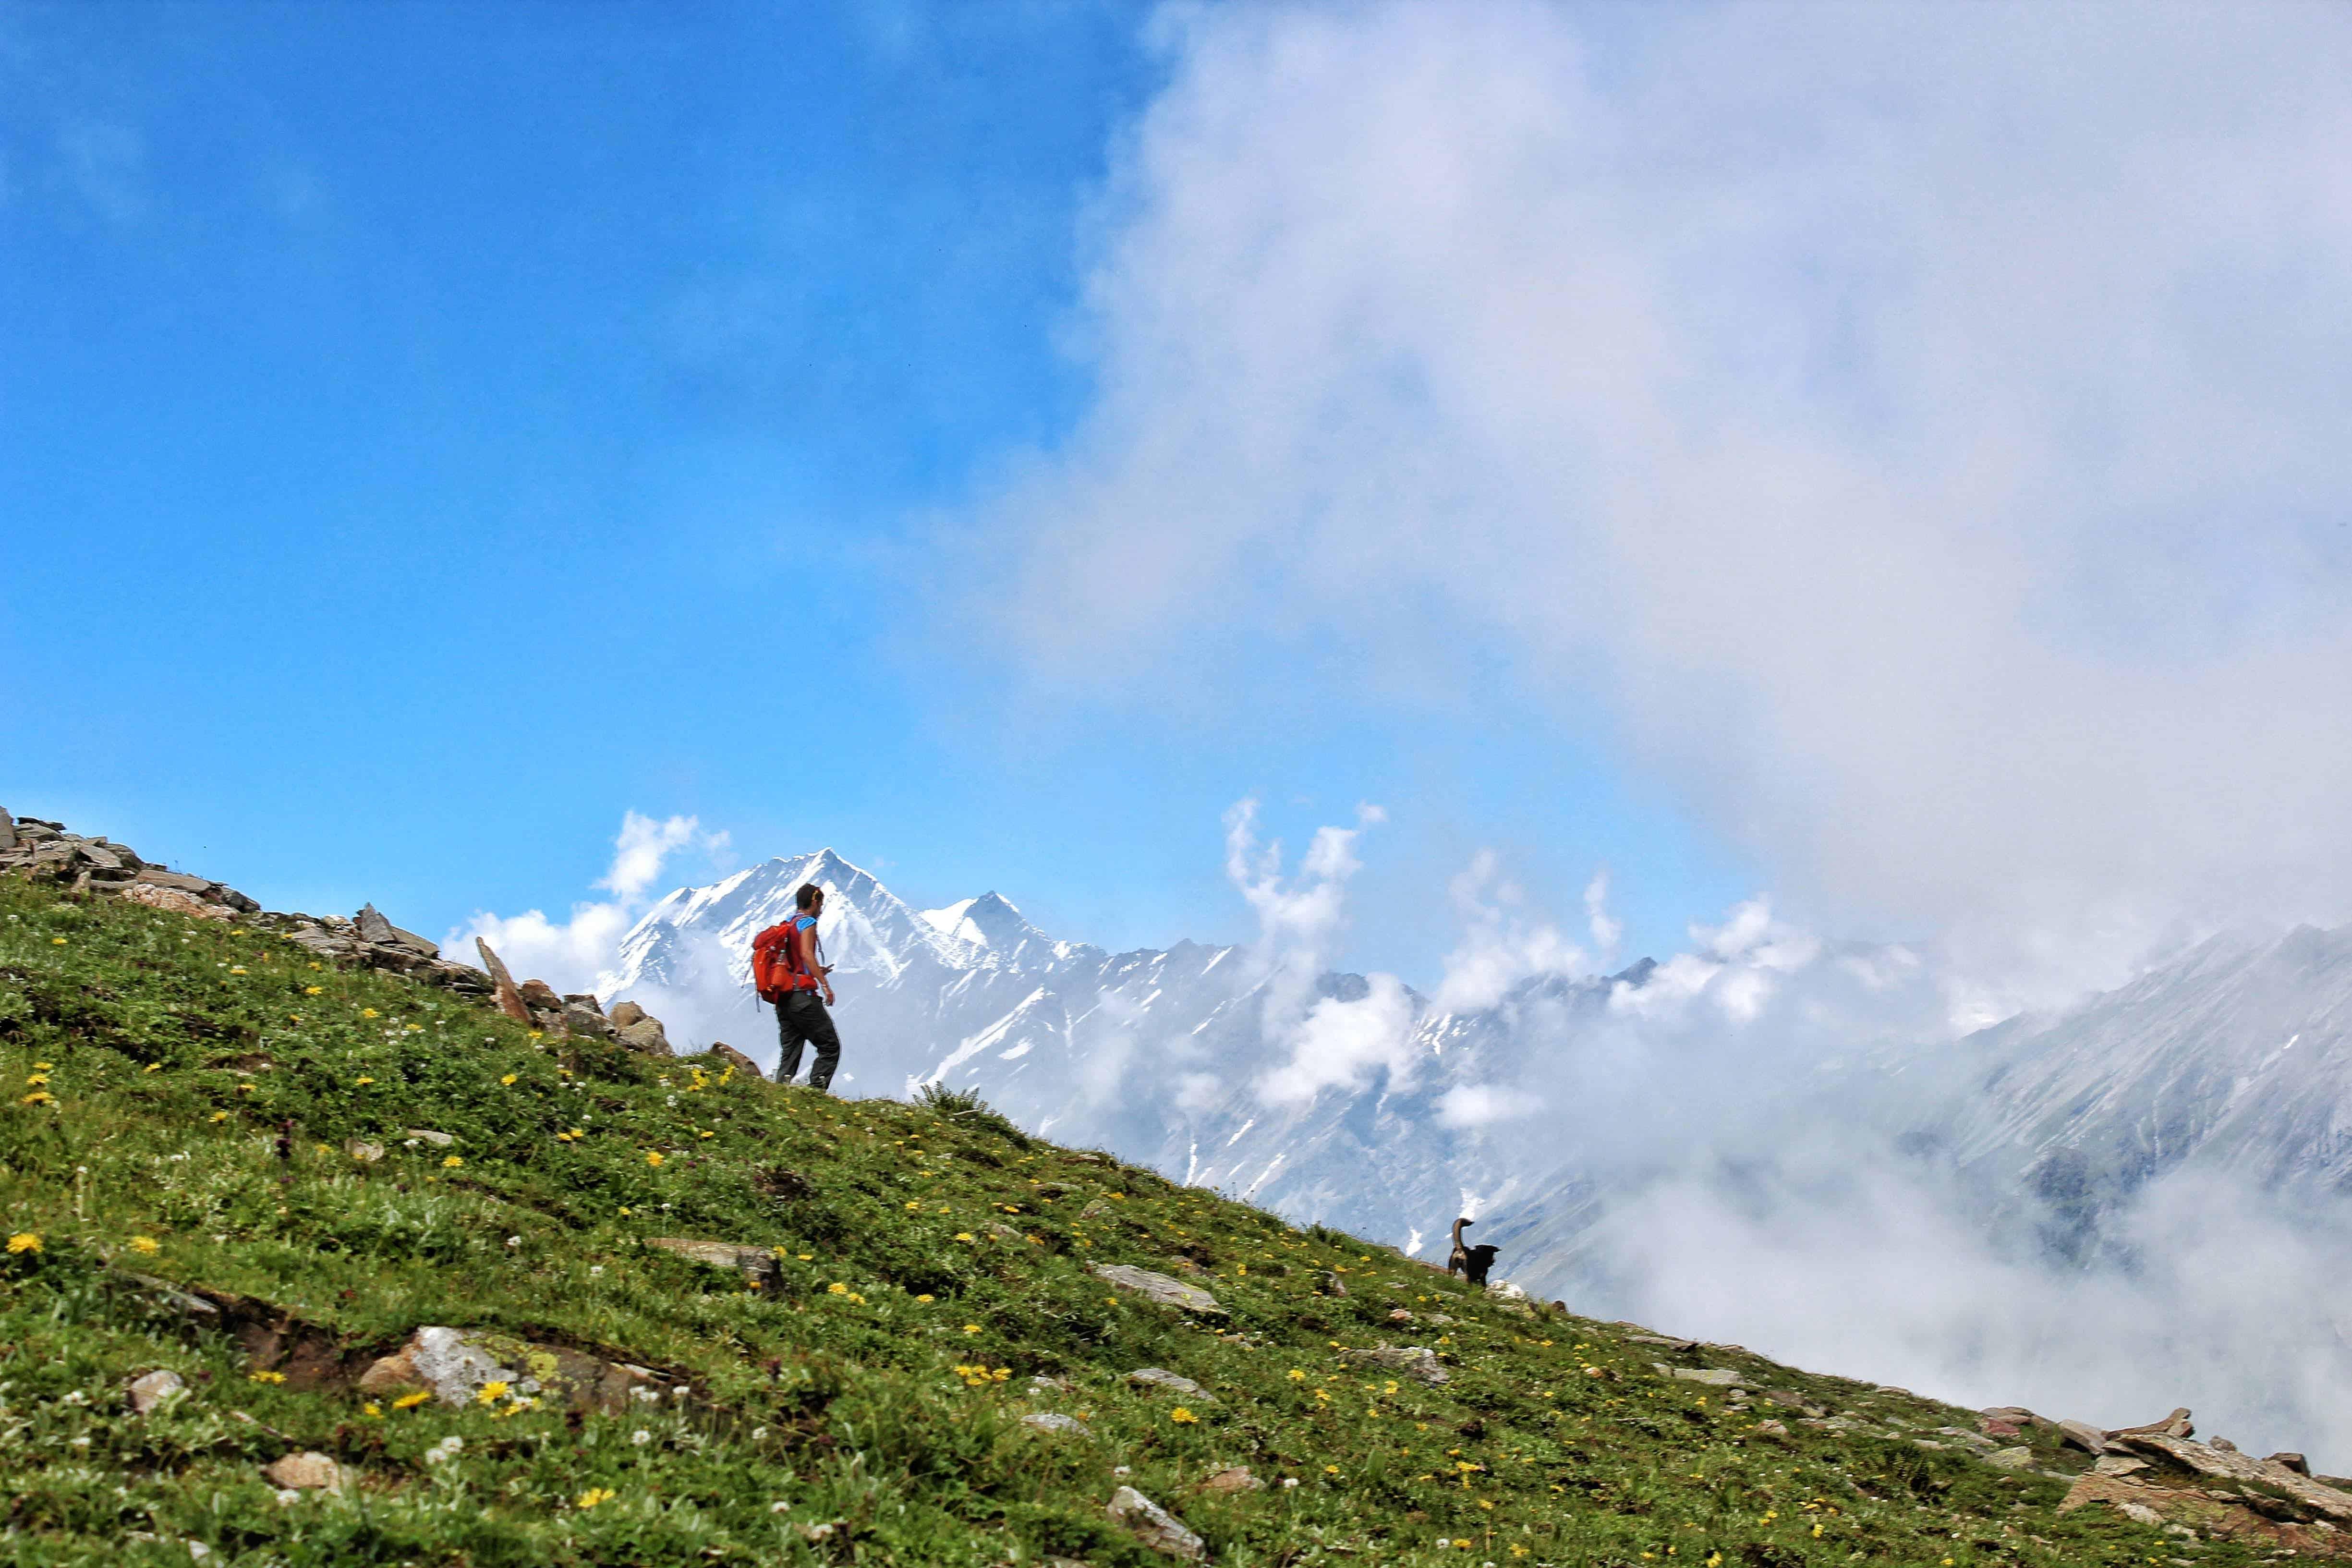 Trekking descending the trail